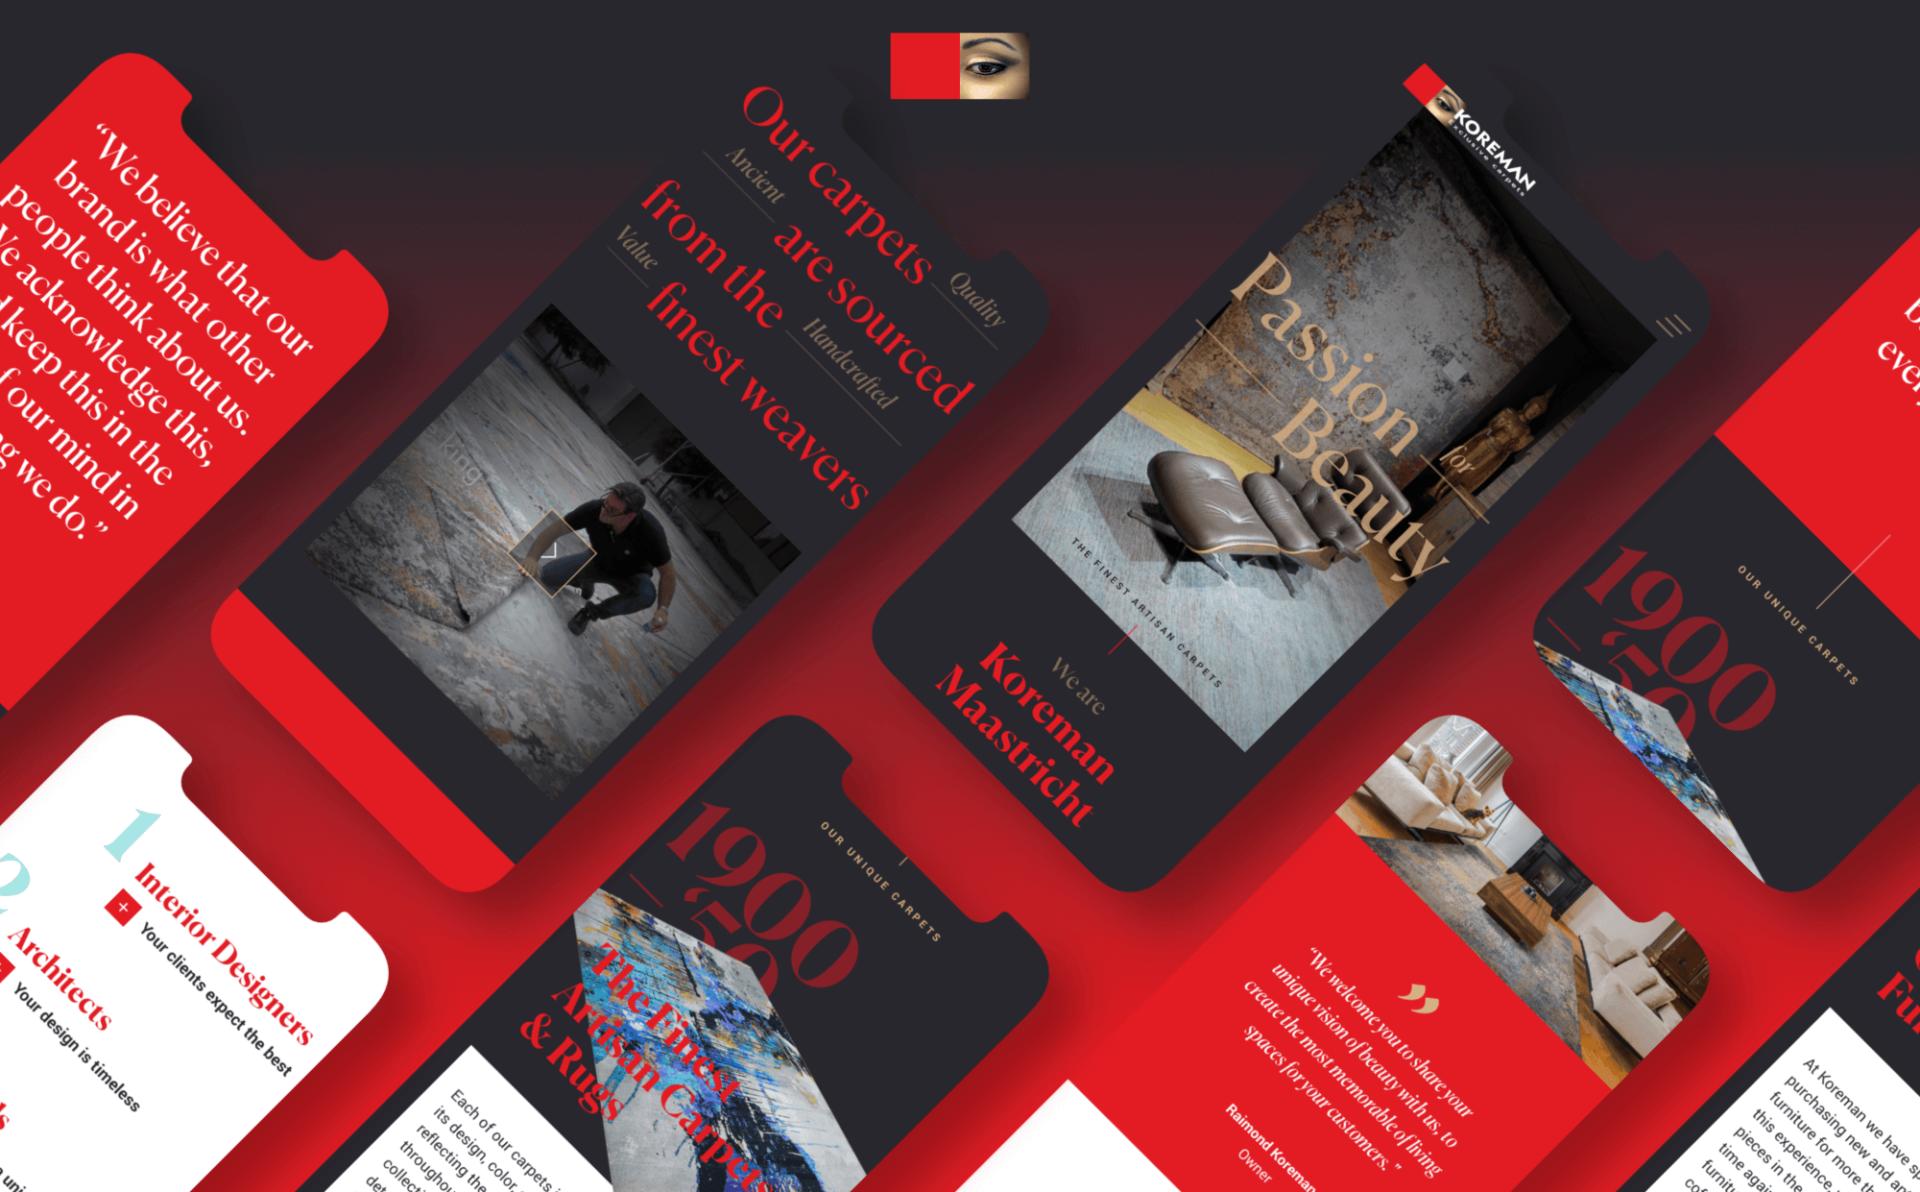 Koreman Exclusive Carpets website - Rene Verkaart)